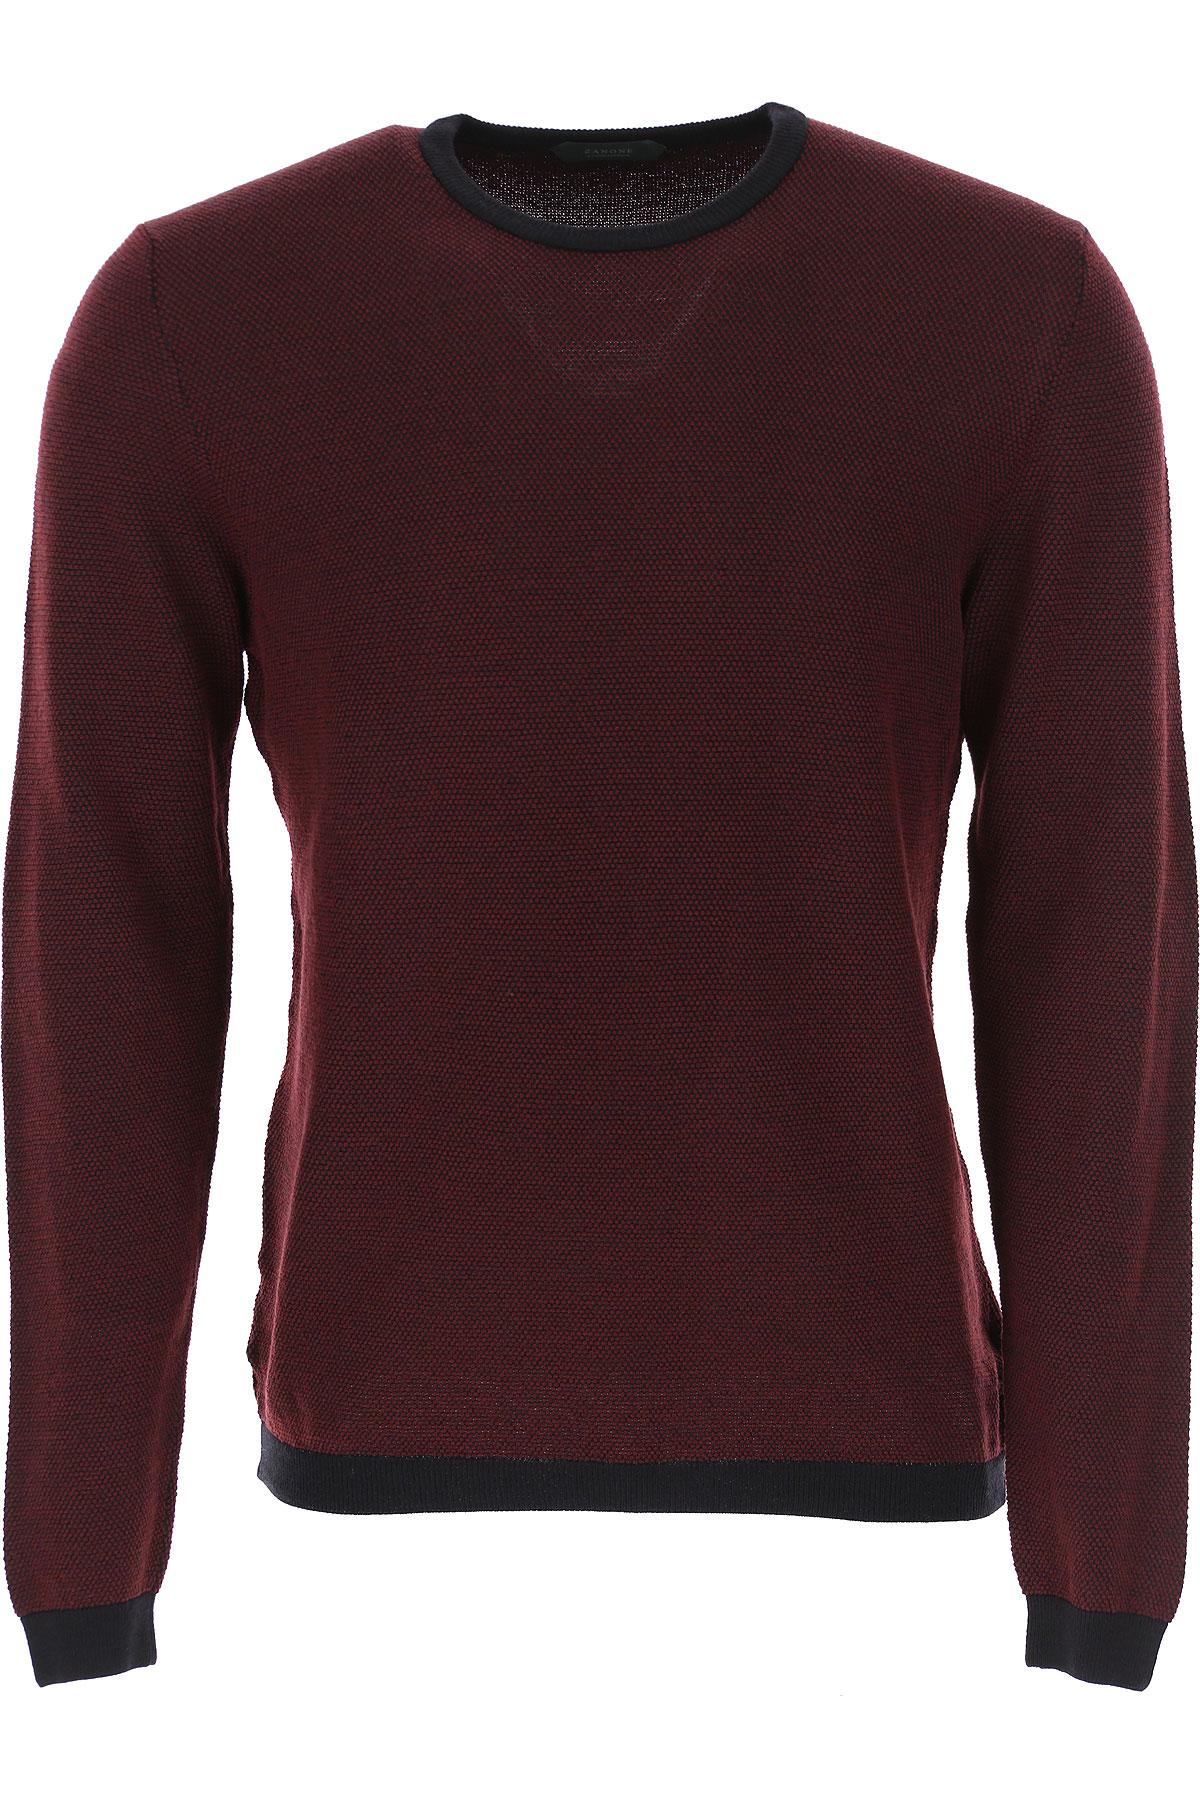 Zanone Sweater for Men Jumper On Sale, Bordeaux, Virgin wool, 2019, L M S